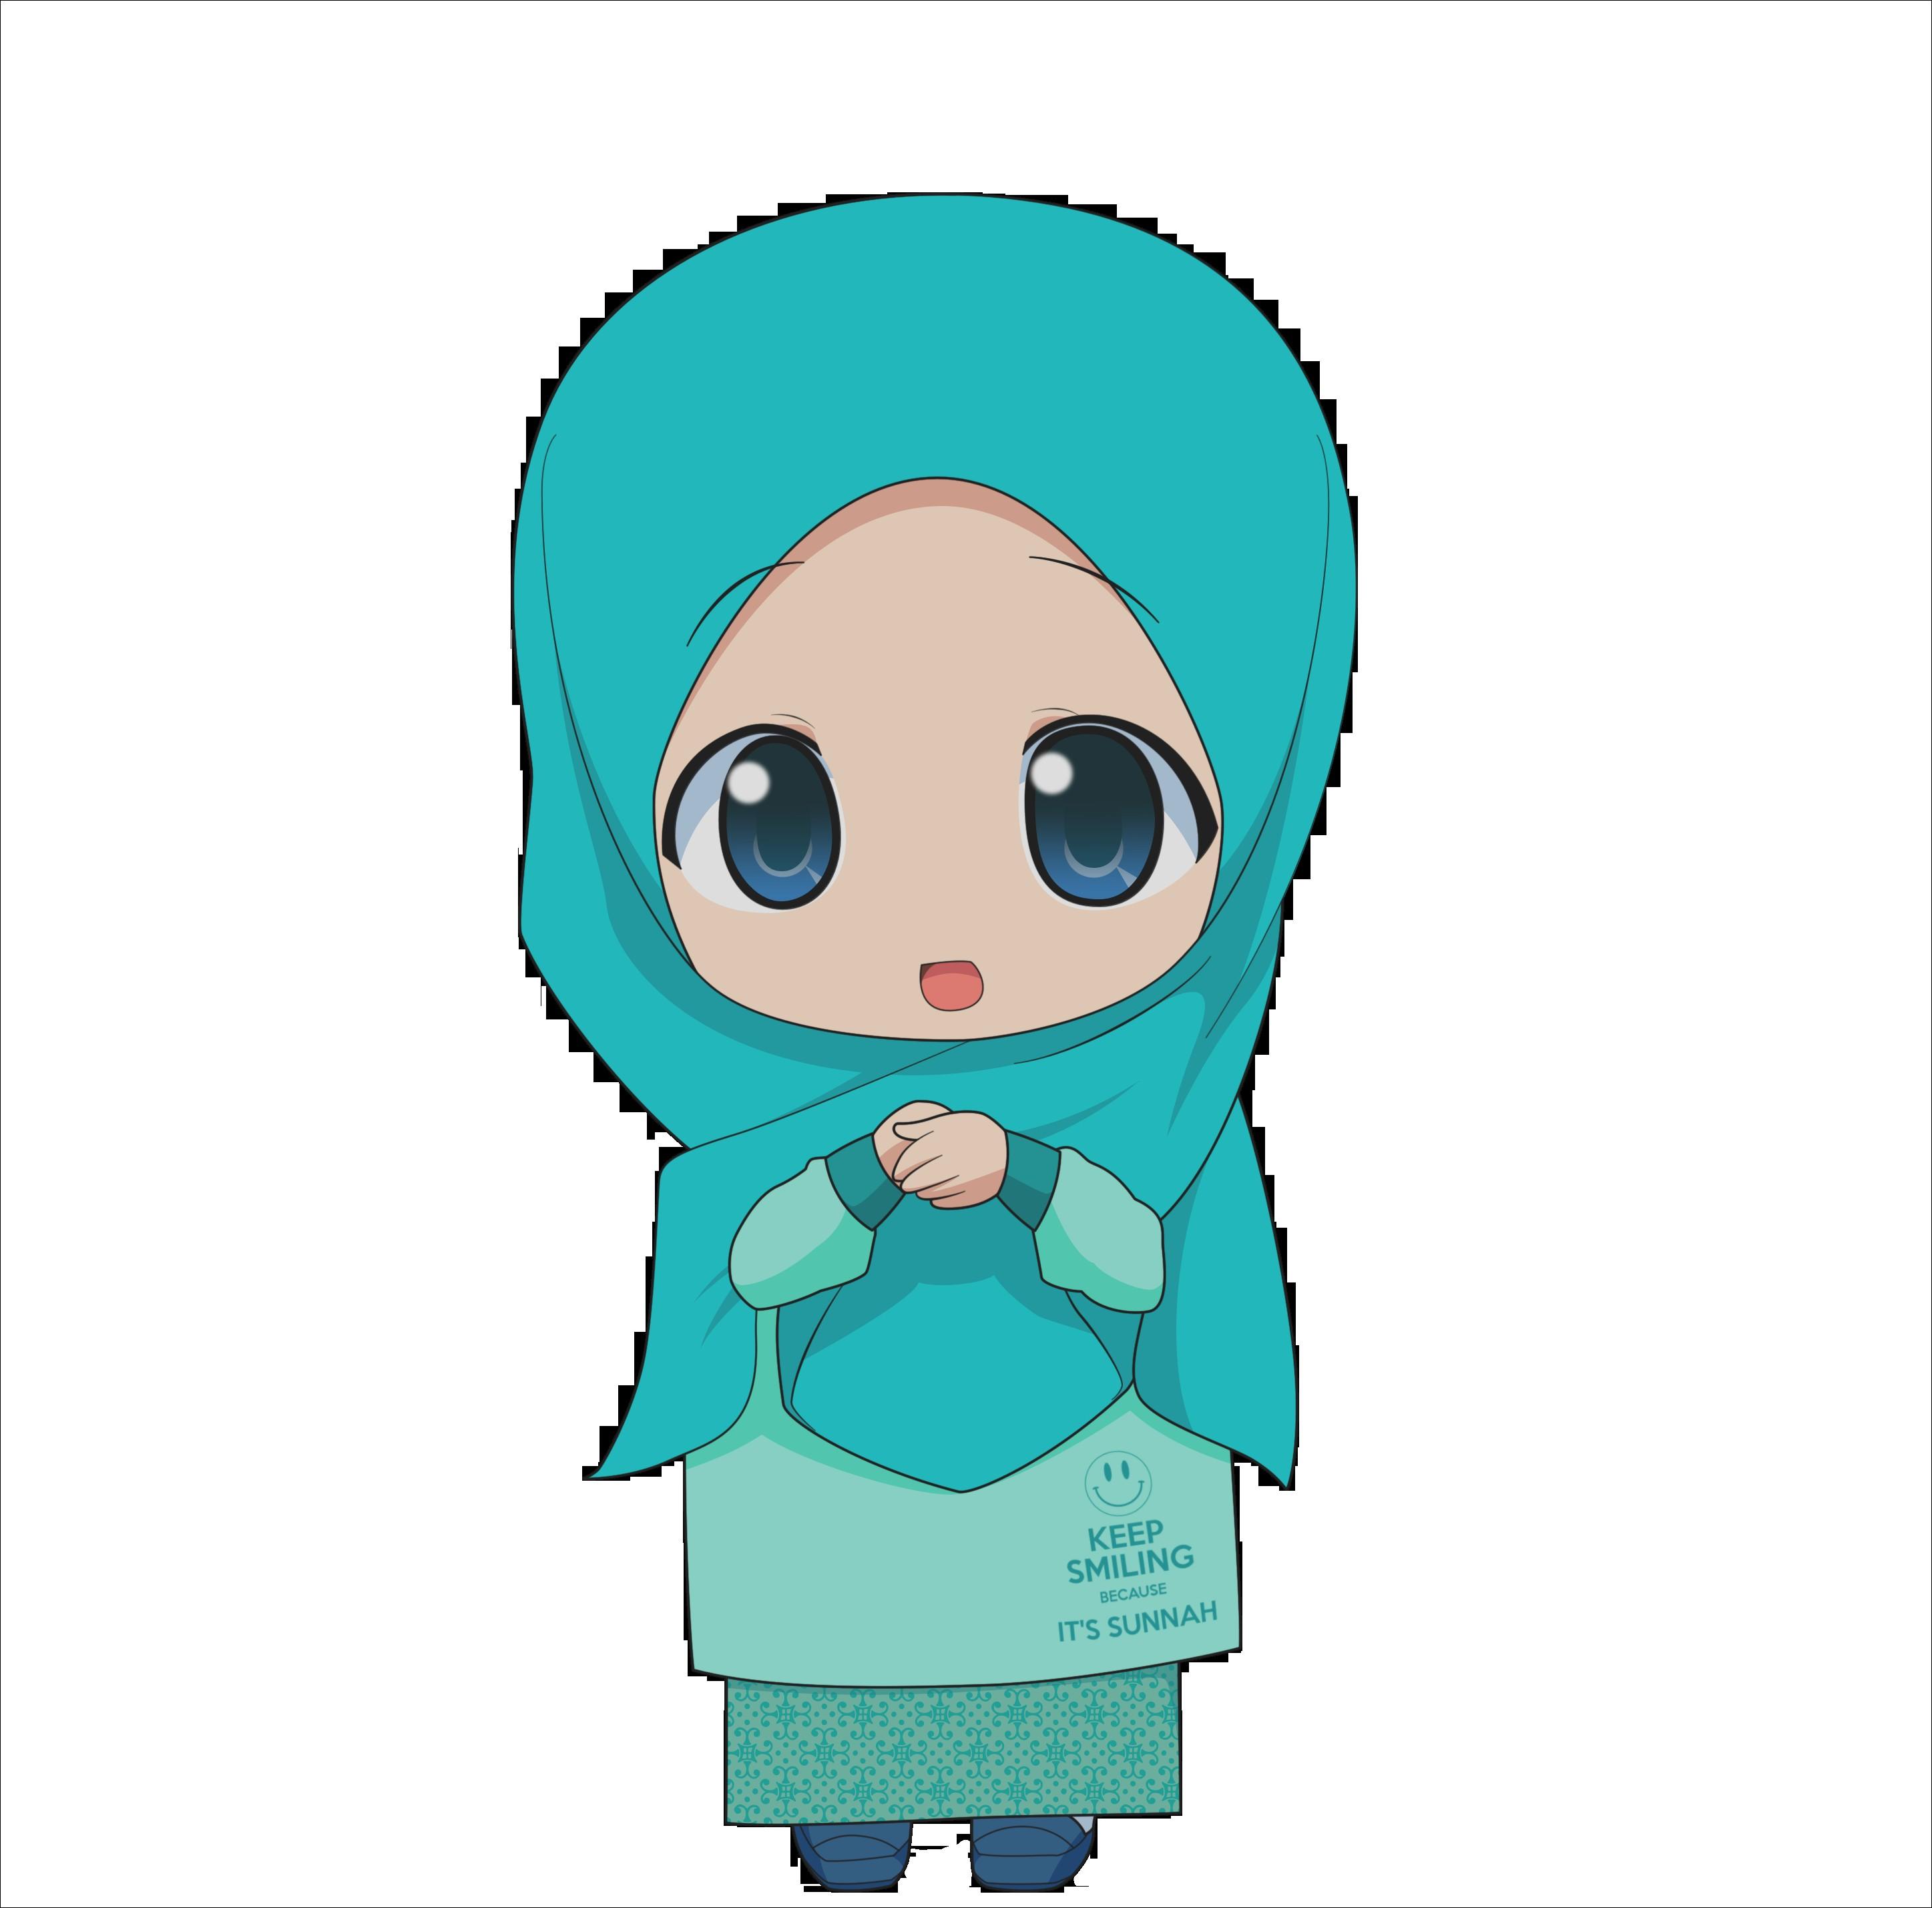 Kartun Chibi Muslimah el dan Lucu  Kartun Muslimah